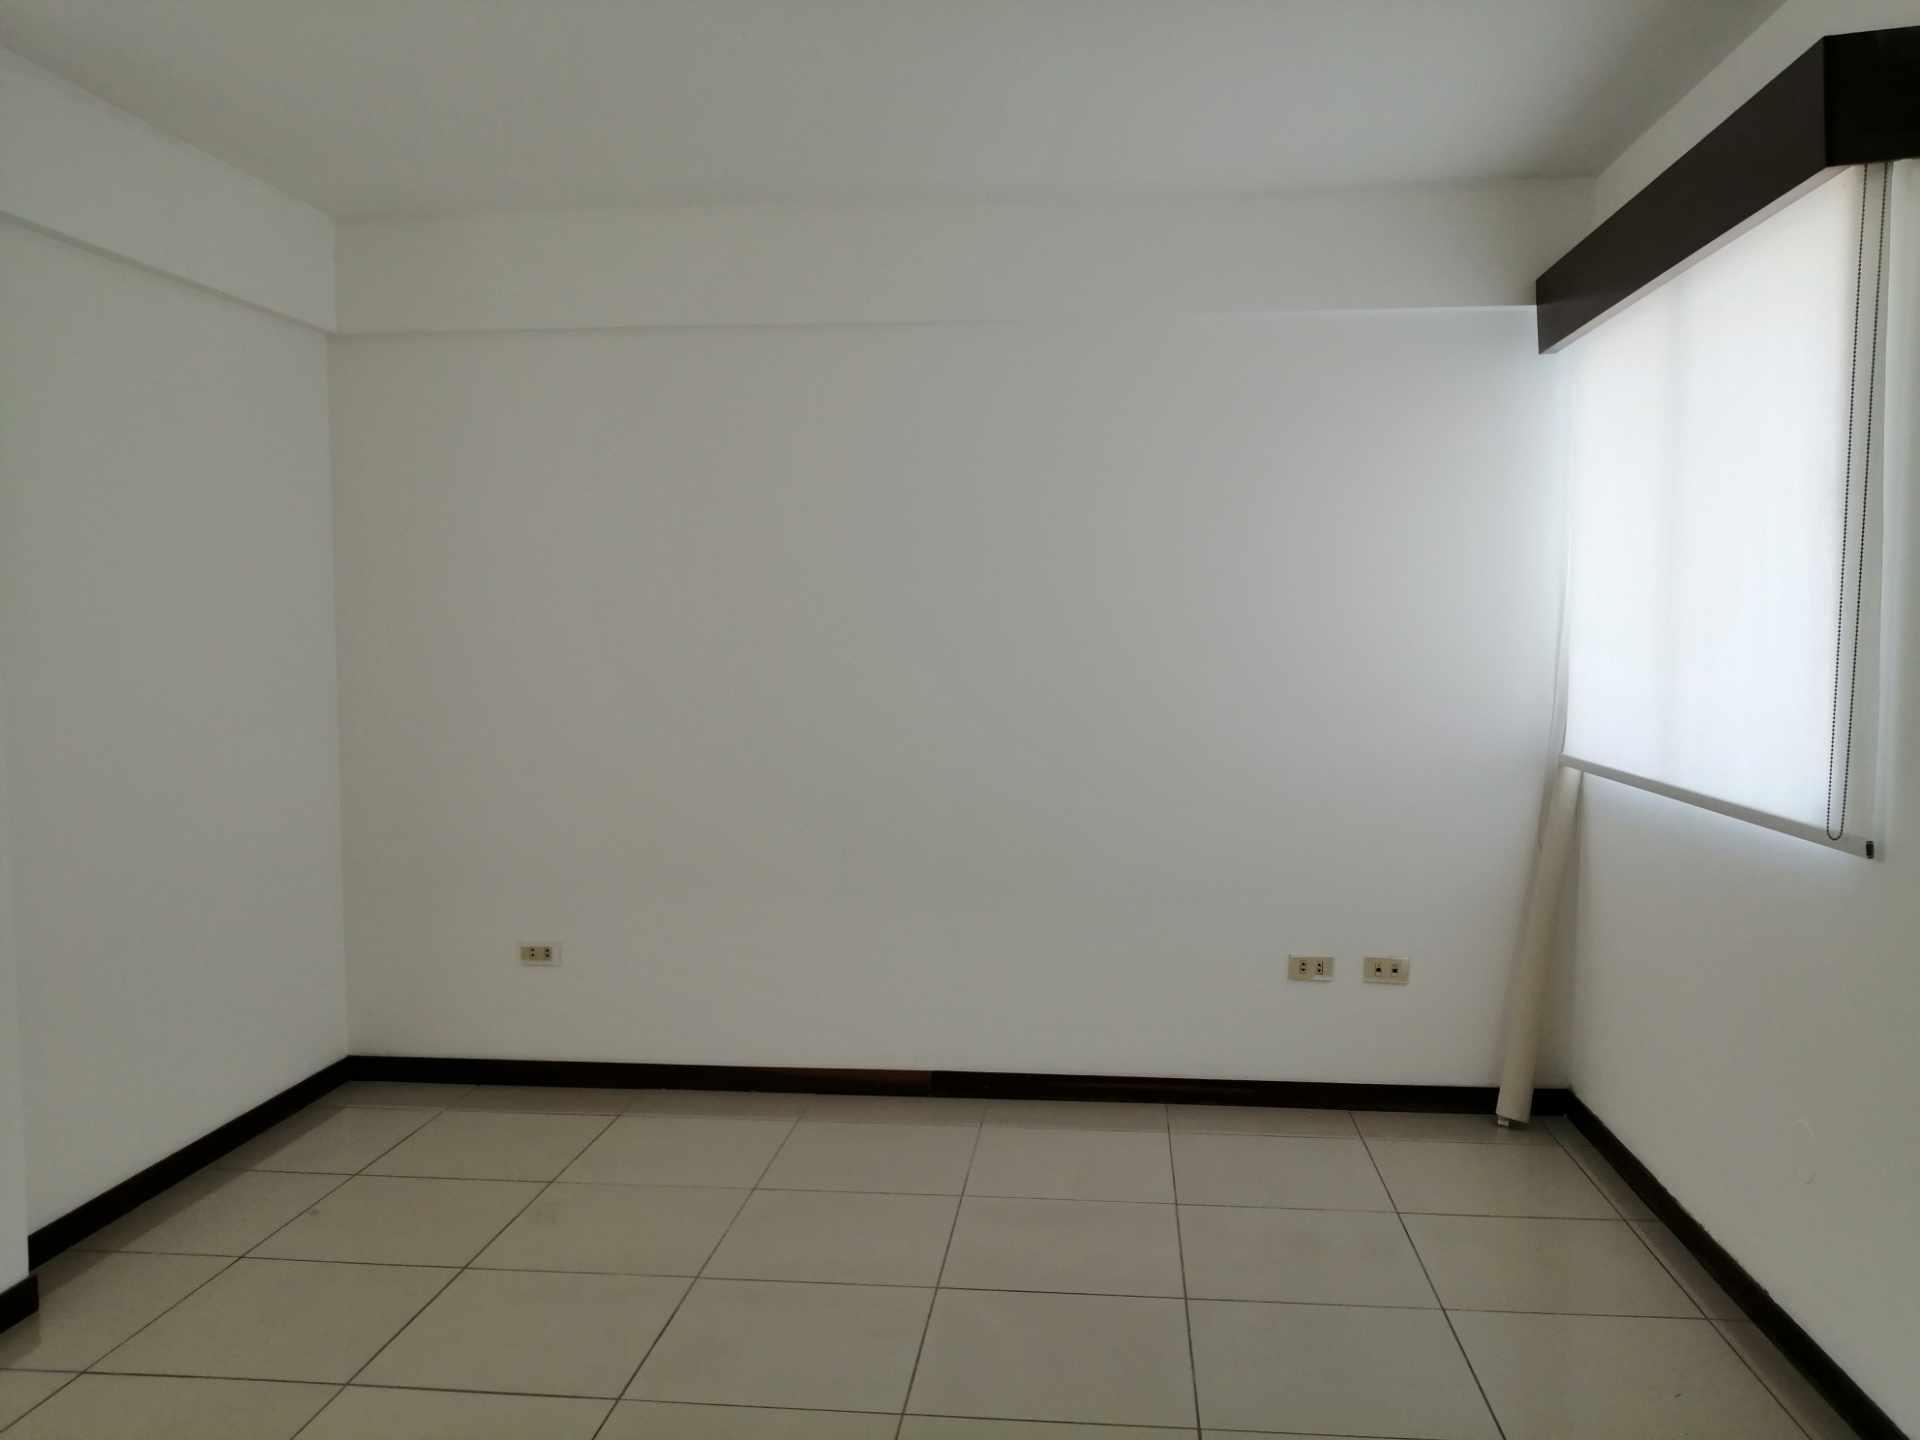 Departamento en Anticretico AV. LOS CUSIS ENTRE AV. ALEMANA Y BENI (2º y 3er anillo) Foto 11